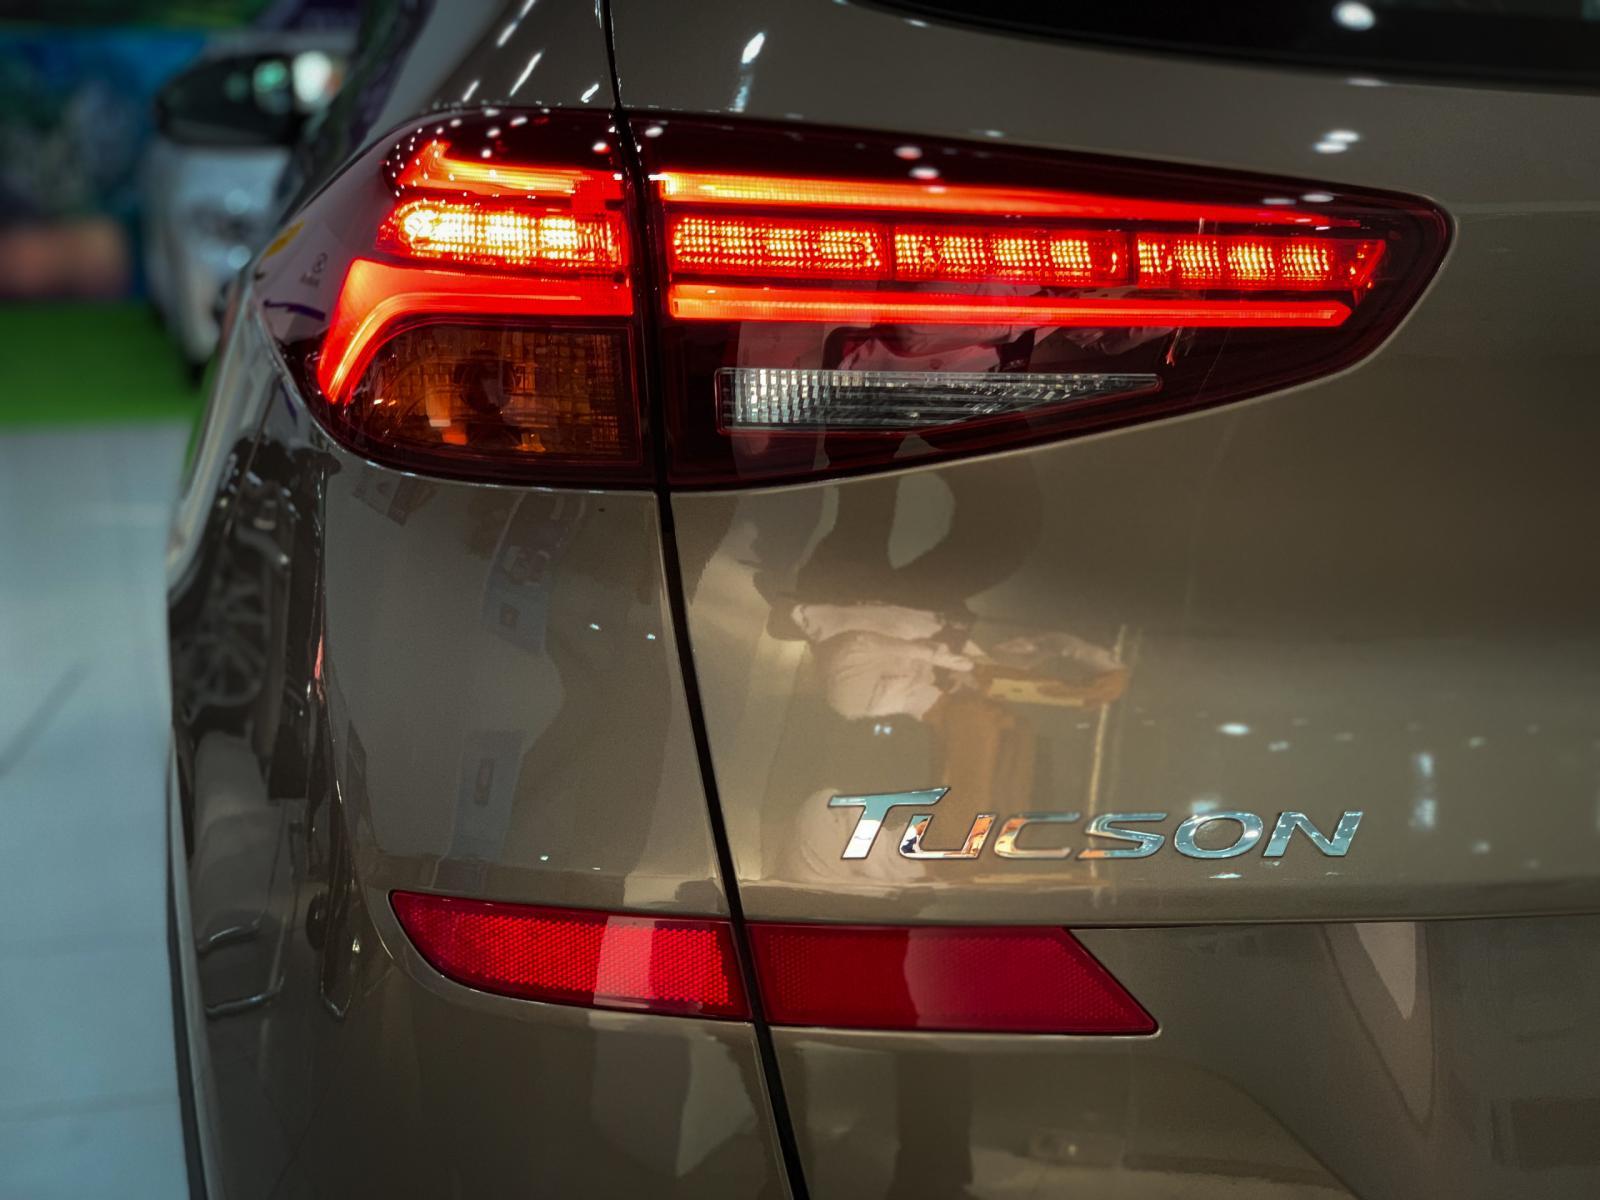 Tucson Turbo Cát, Hotline: 0969544155 Hyundai An Phú, Tucson Turbo Cát, Tucson Cát, Tucson Turbo